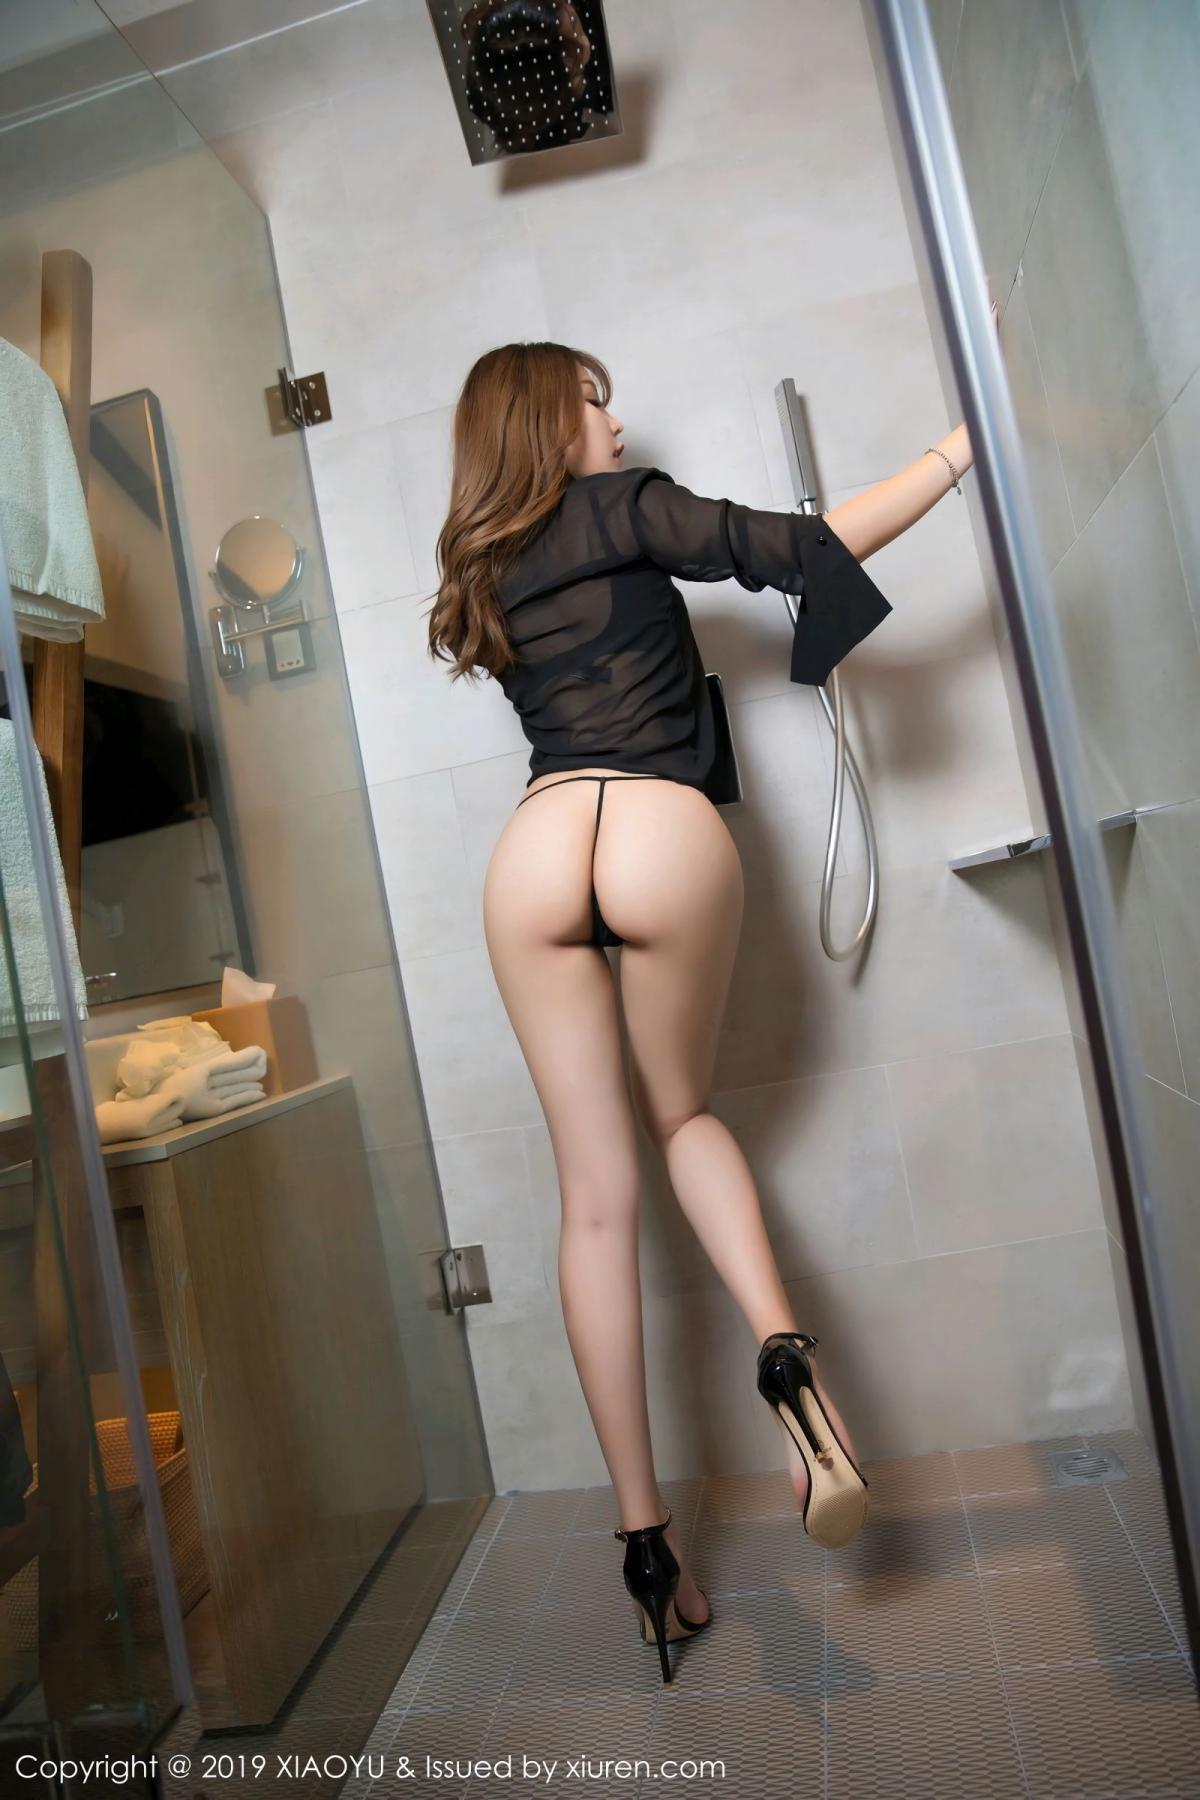 [XiaoYu] Vol.105 Chen Zhi 17P, Bathroom, Big Booty, Chen Zhi, Wet, XiaoYu